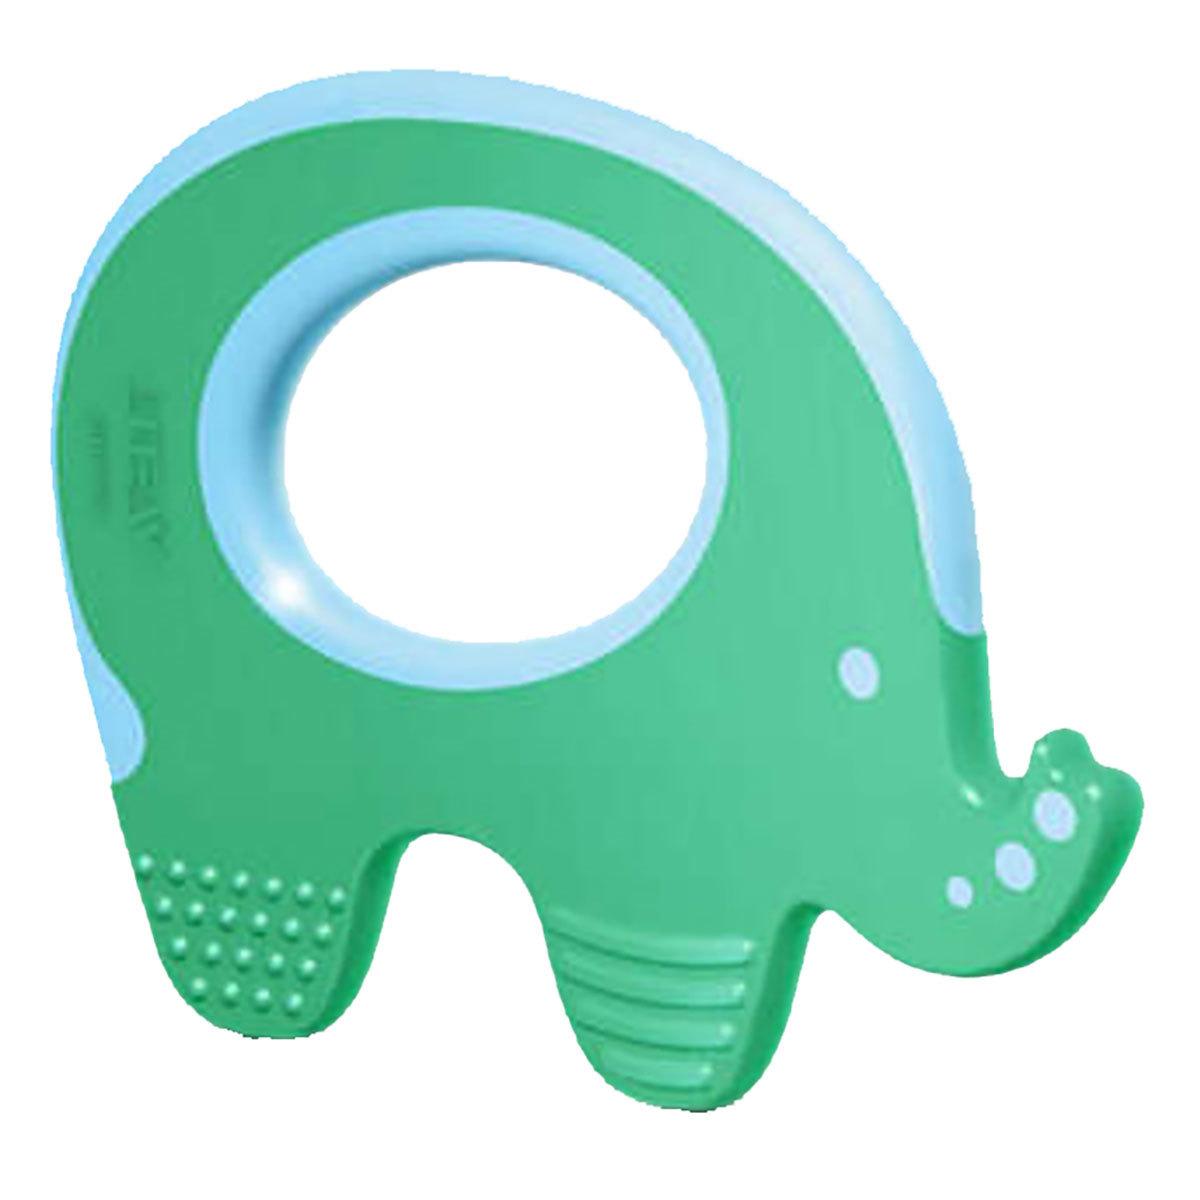 Dentition Anneau de Dentition - 0-18 mois Anneau de Dentition - 0-18 mois